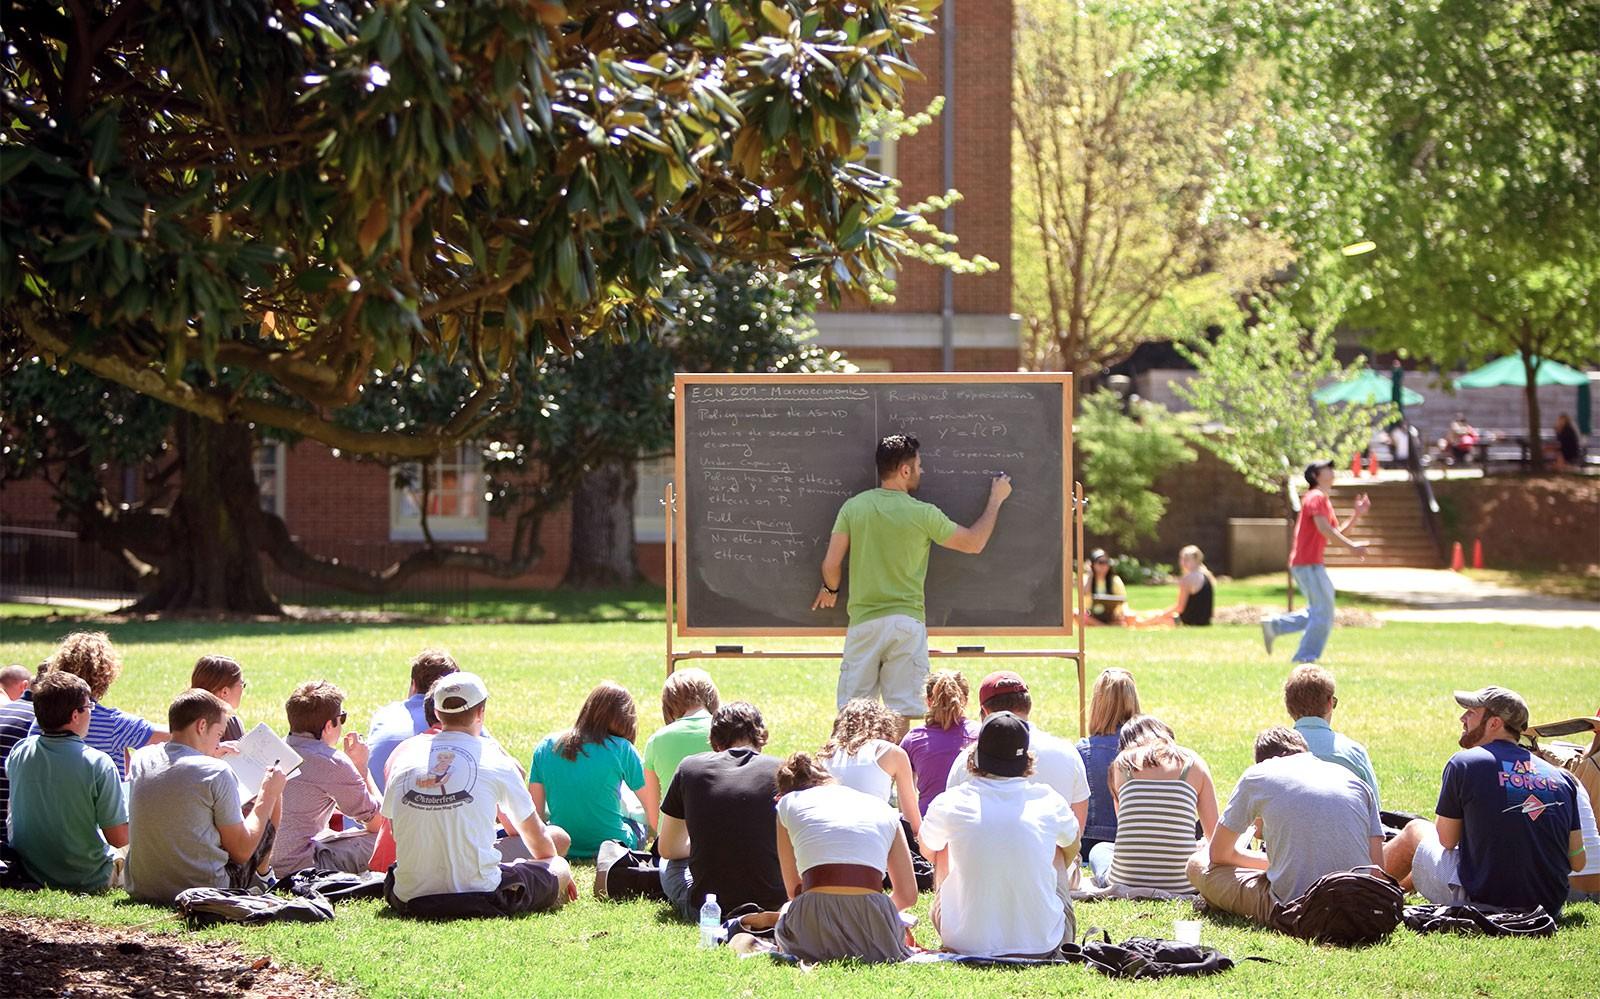 Đại học không chỉ là kiến thức và sách vở, hãy quan tâm cuộc sống bên ngoài lớp học nữa - Ảnh 1.